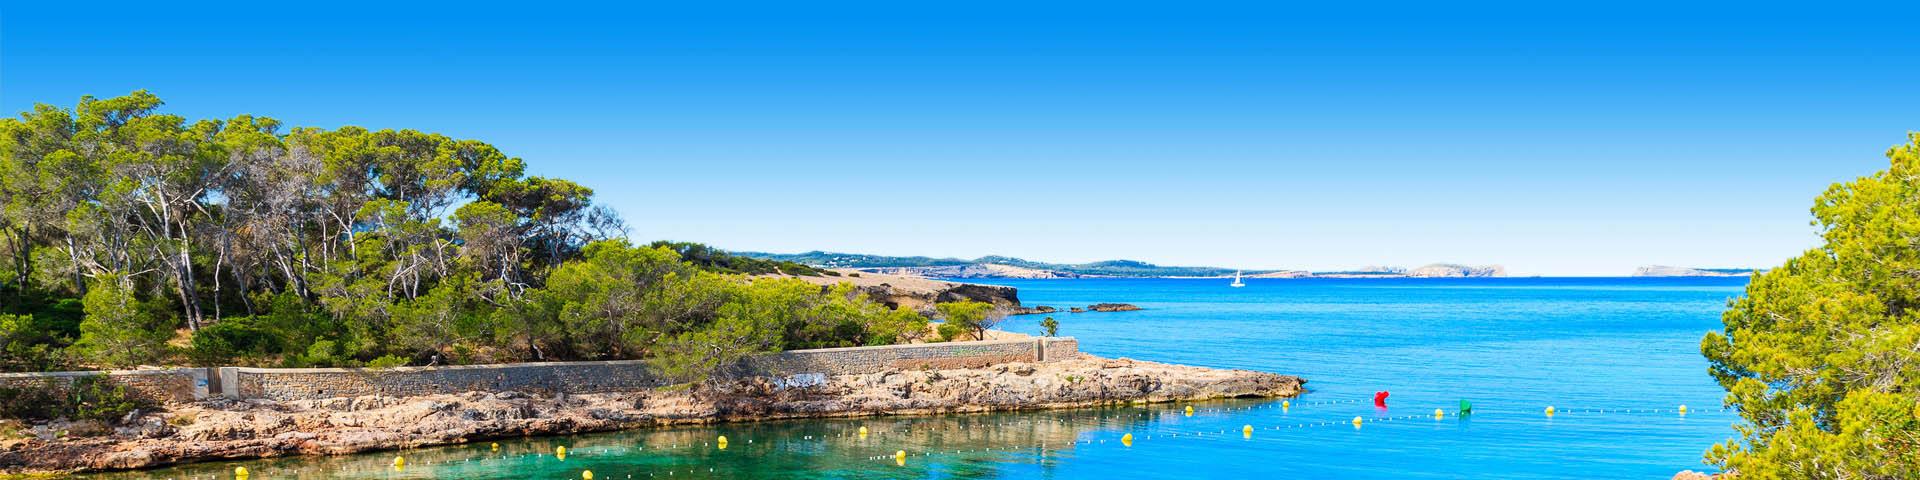 Uitzicht op de zee en de rosten bij San Antonio op Ibiza